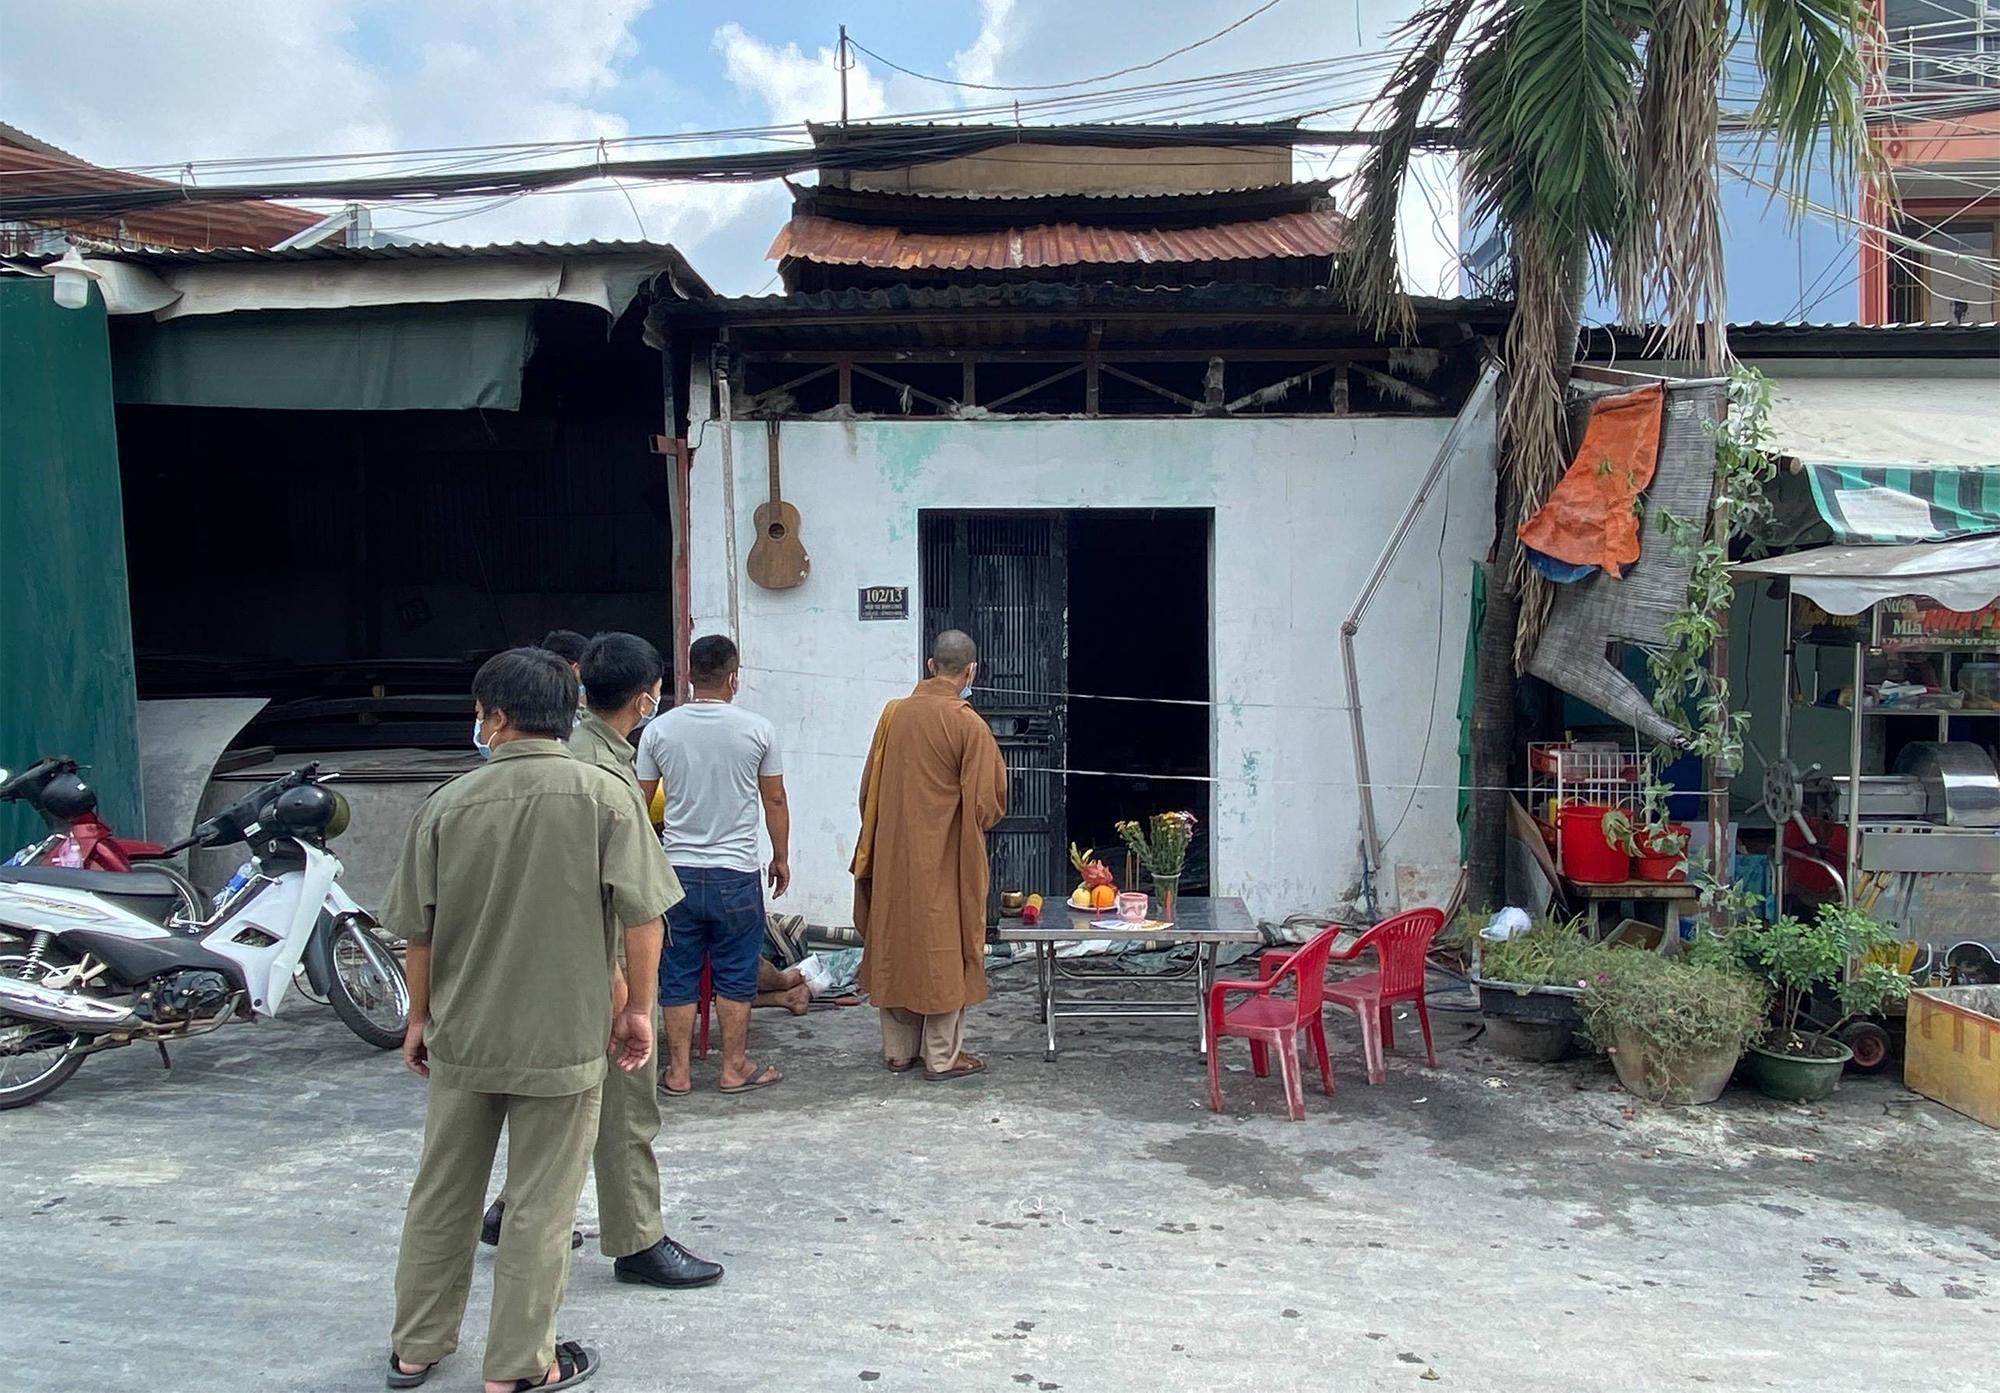 Căn nhà xảy ra hỏa hoạn khiến một phụ nữ tử vong. Ảnh: Đình Văn